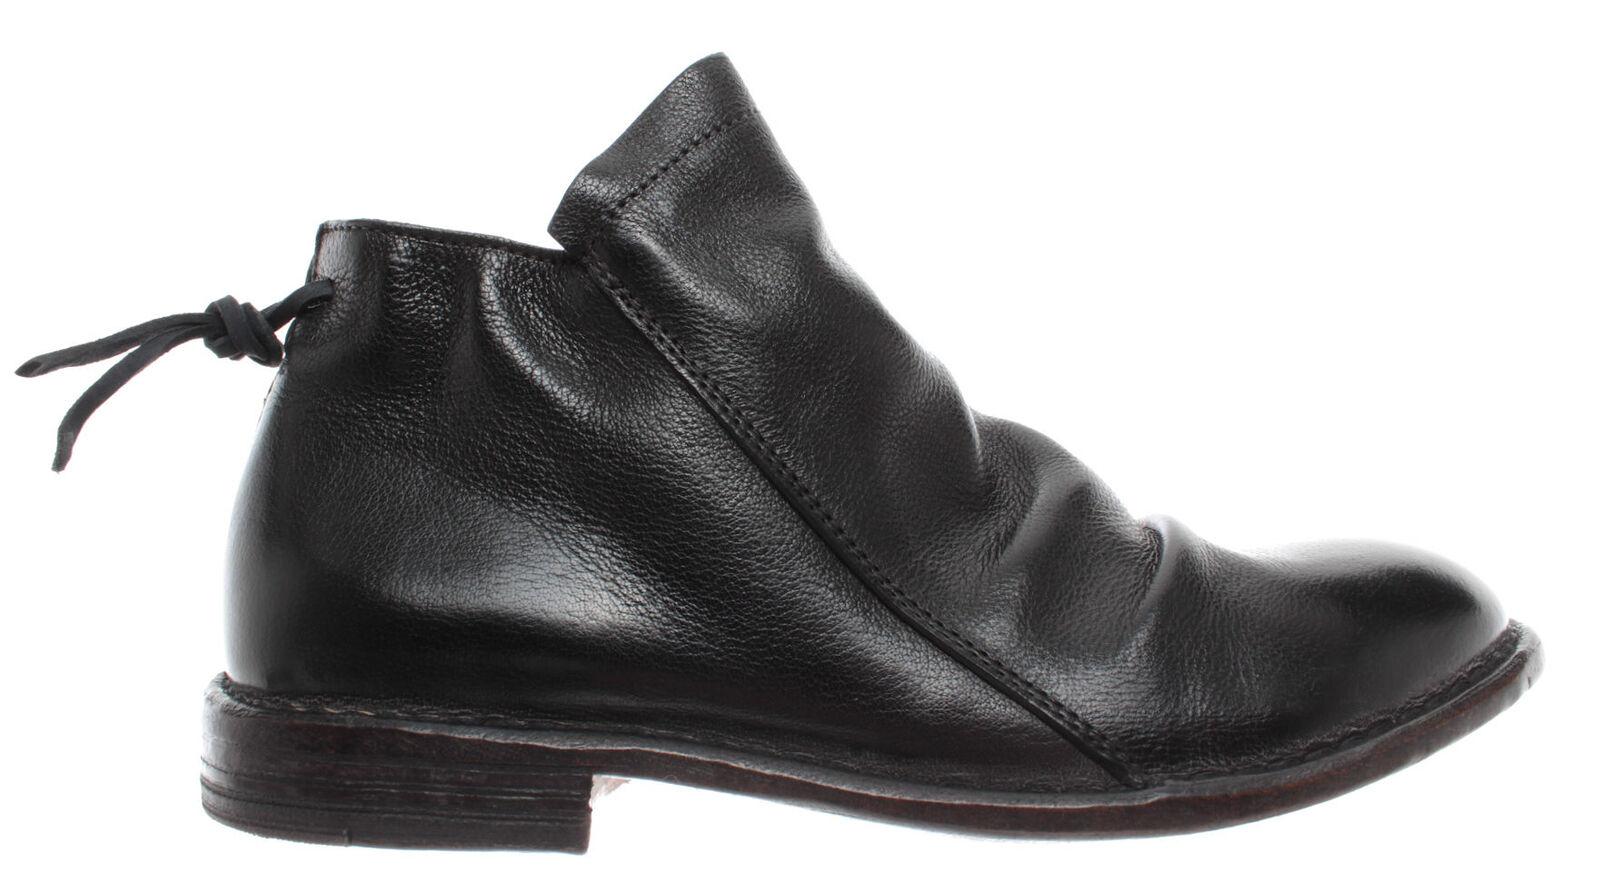 MOMA shoes Femme Bottines 48903-0A Bufalo black Cuir black Vintage Vintage Vintage Nouveau a2a961